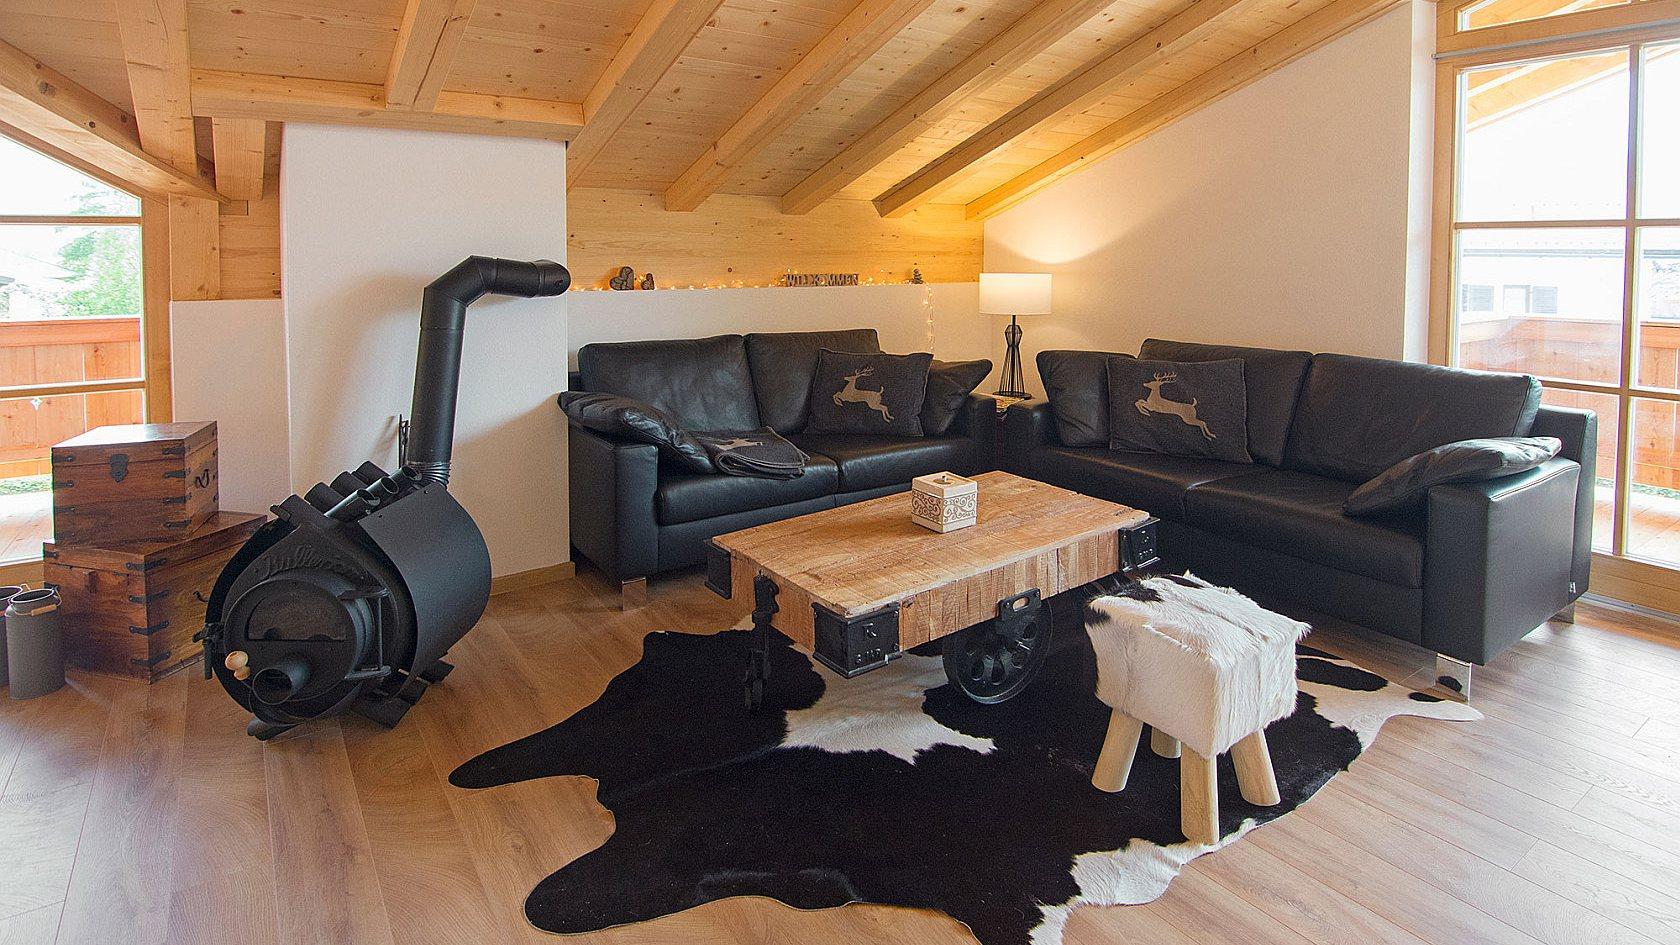 Ferienwohnung Reit im Winkl, Chalet im Ahornwinkl, Wohnraum mit offener Küche und zwei Balkonen